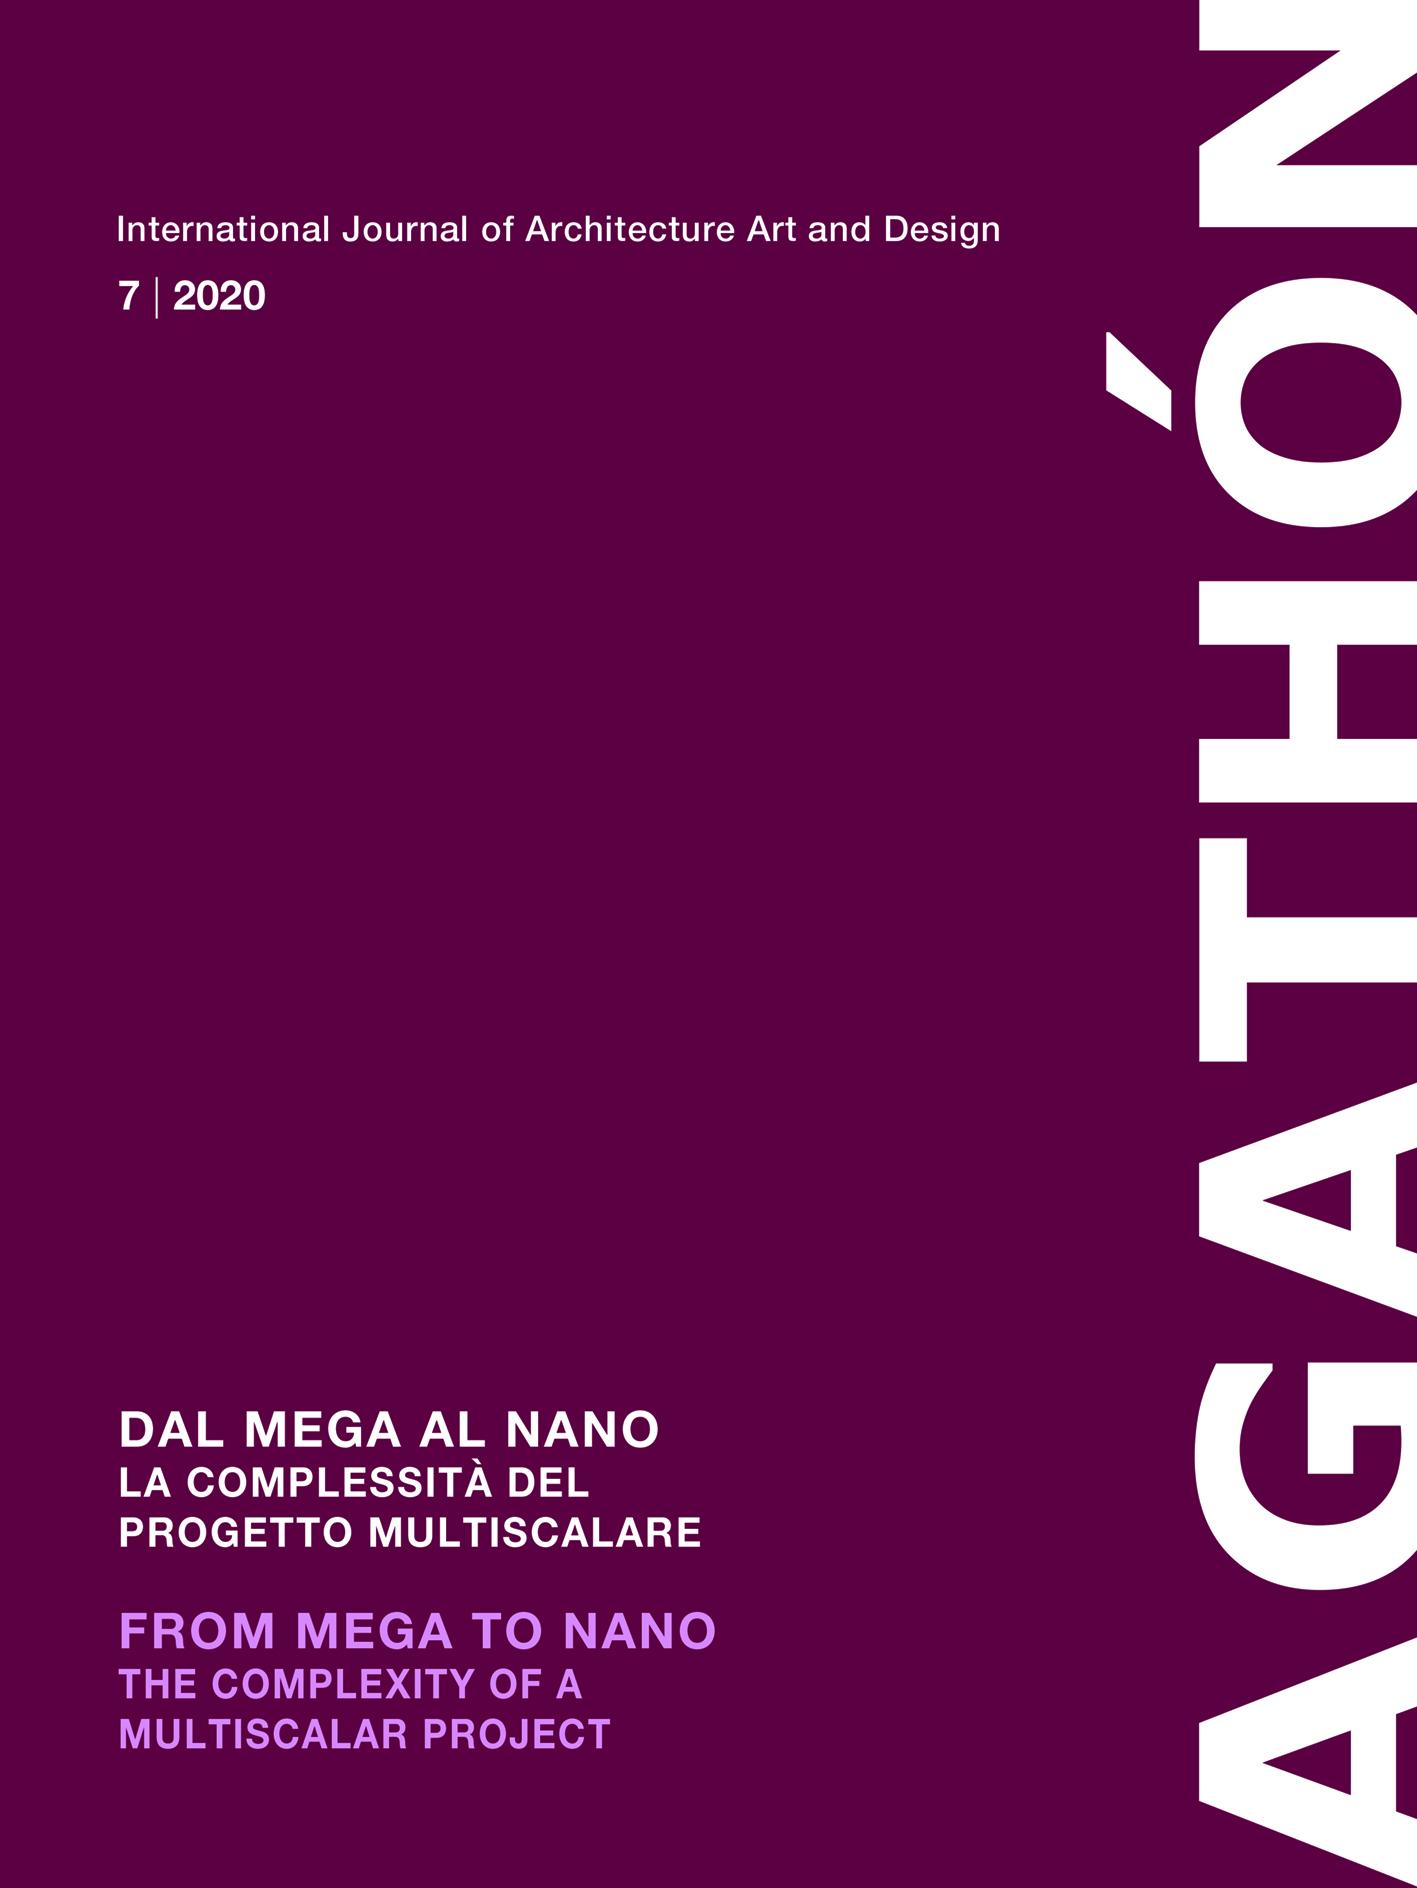 FROM MEGA TO NANO | THE COMPLEXITY OF A MULTSCALAR PROJECT – DAL MEGA AL NANO | LA COMPLESSITÀ DEL PROGETTO MULTISCALARE | AGATHÓN 7 | 2020